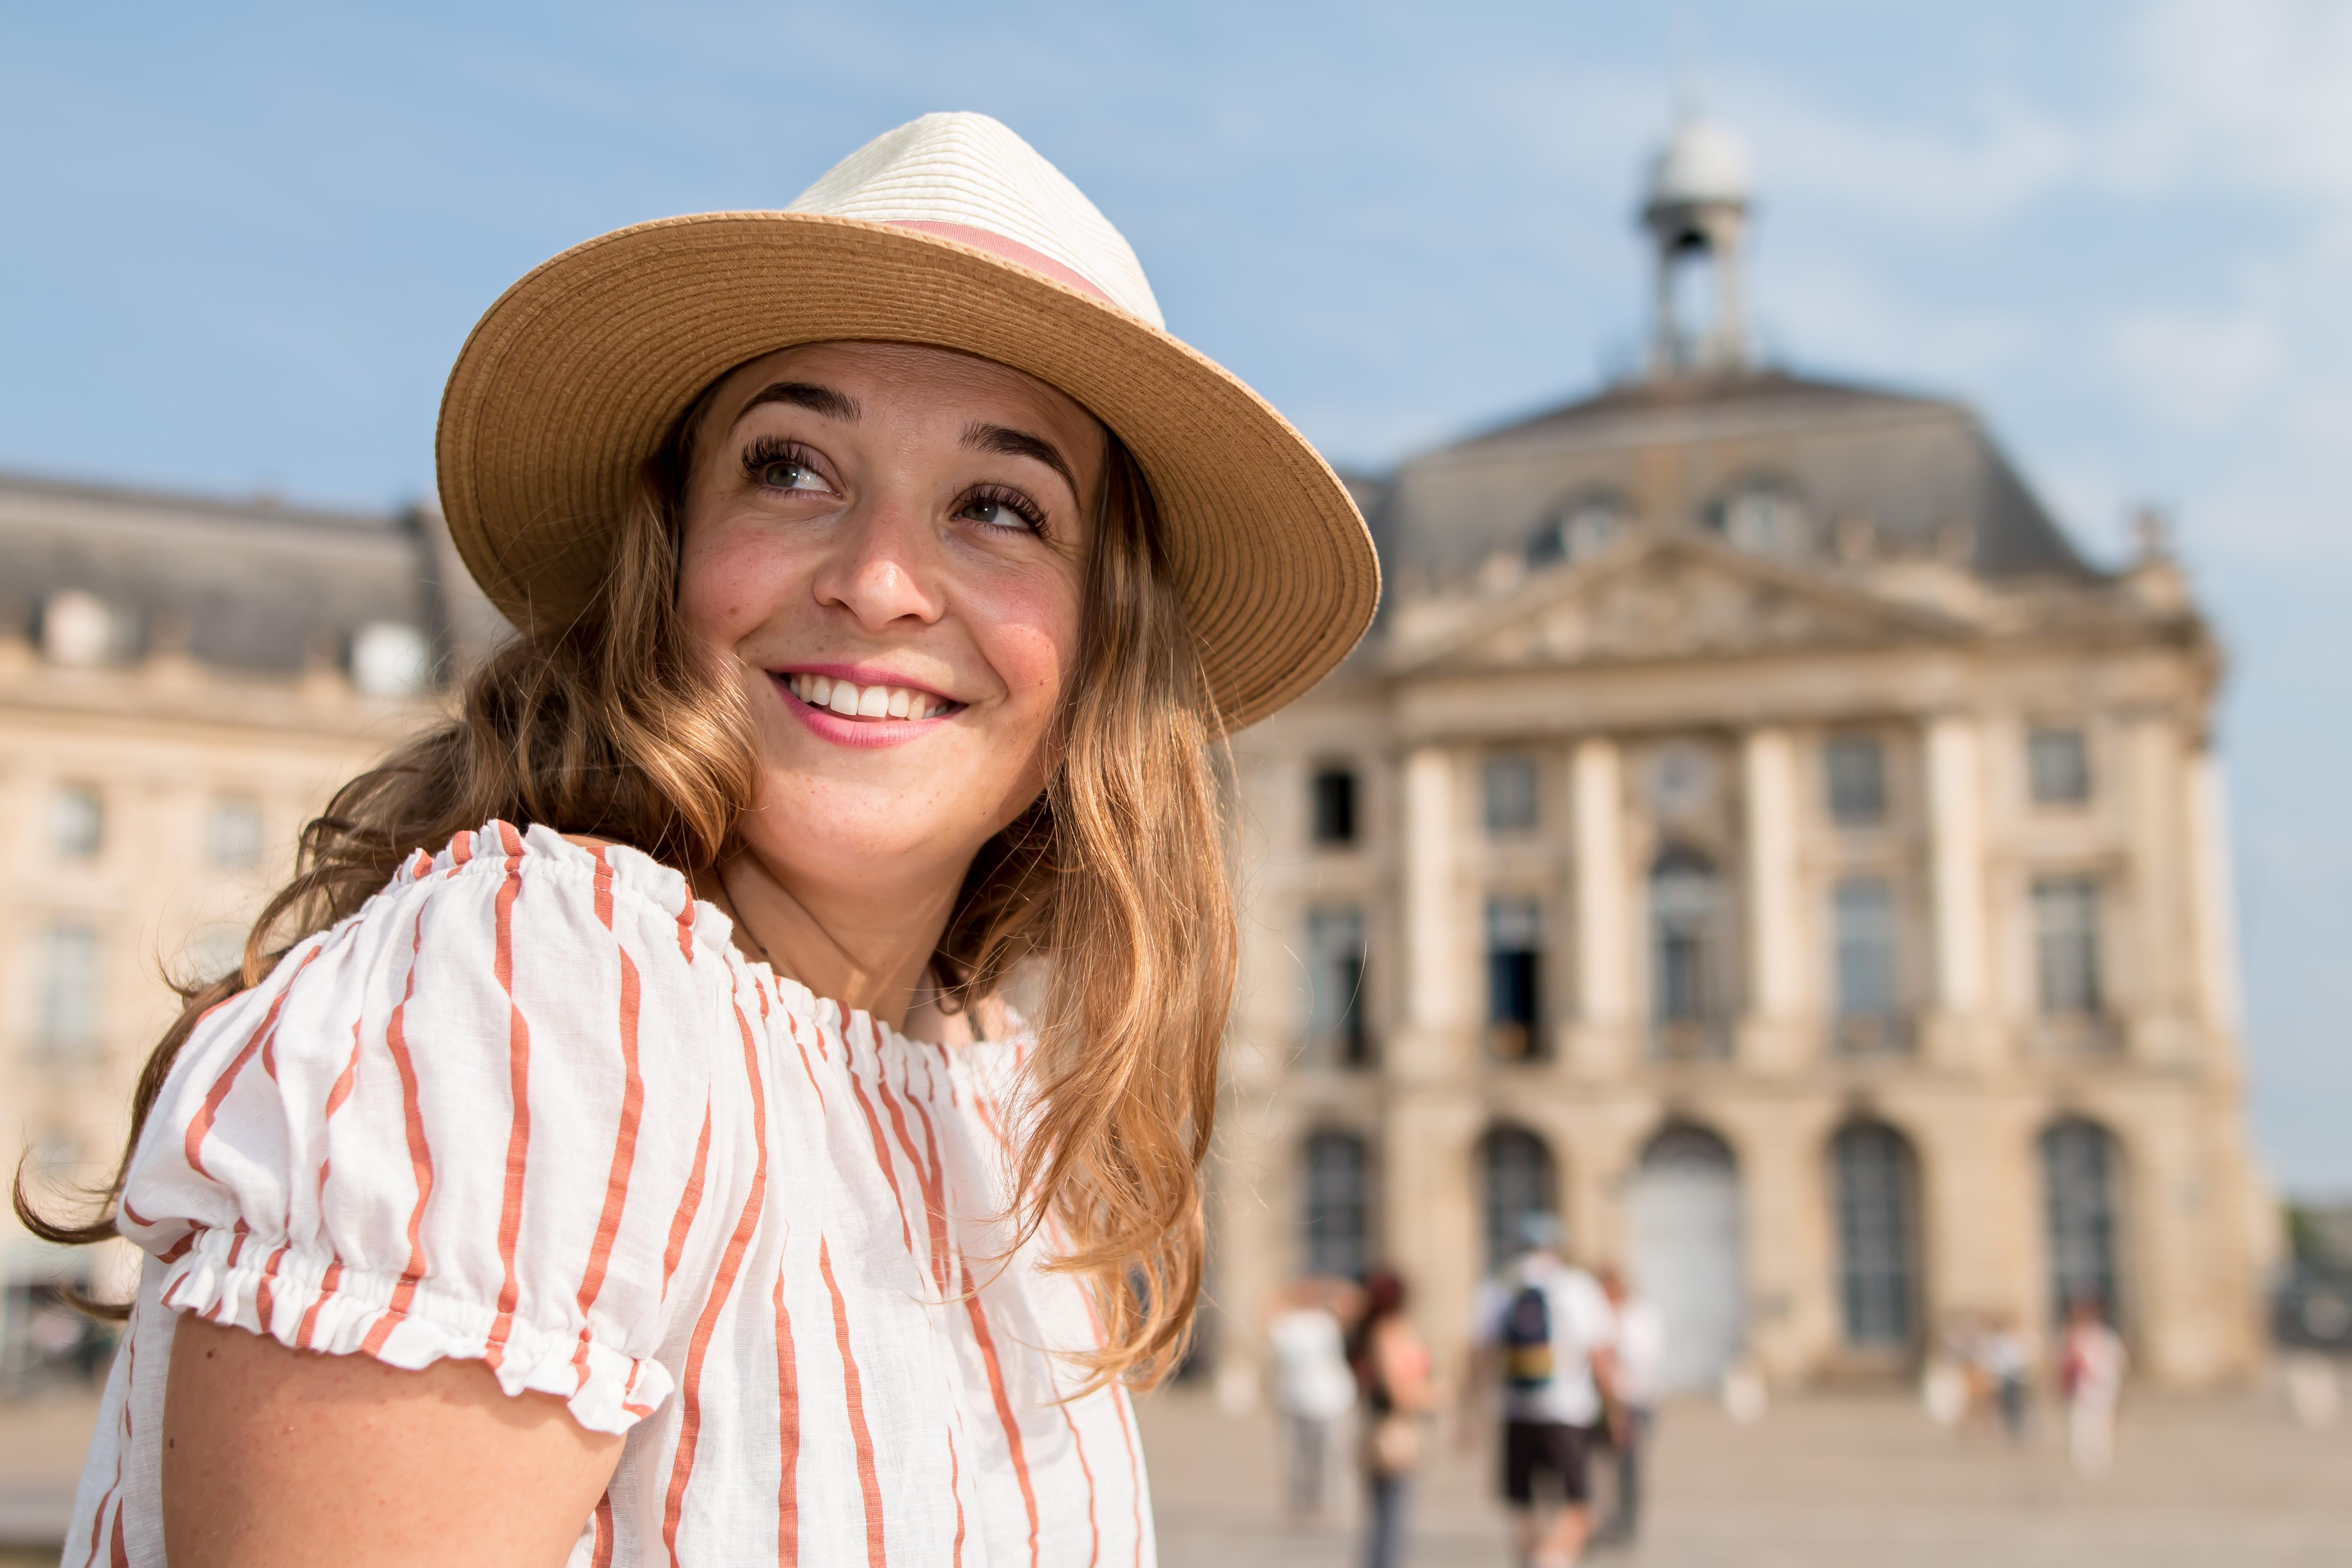 extension de cils effet naturel - Camille in Bordeaux